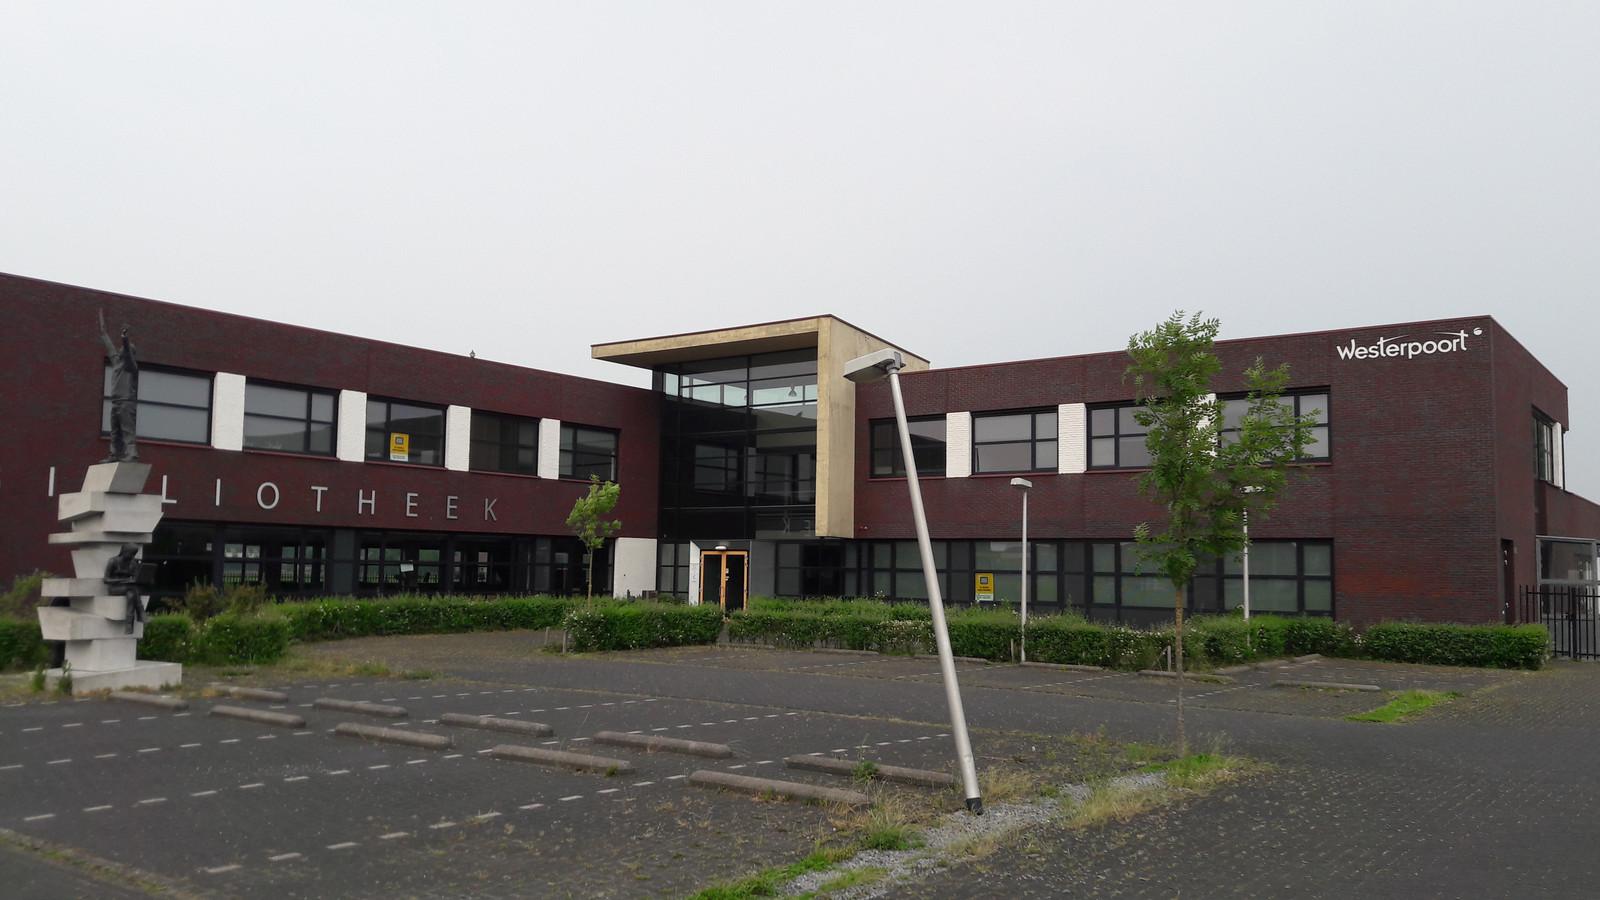 Het gebouw van het voormalige Westerpoort-college in Tholen, waarin de brede school moet verrijzen.